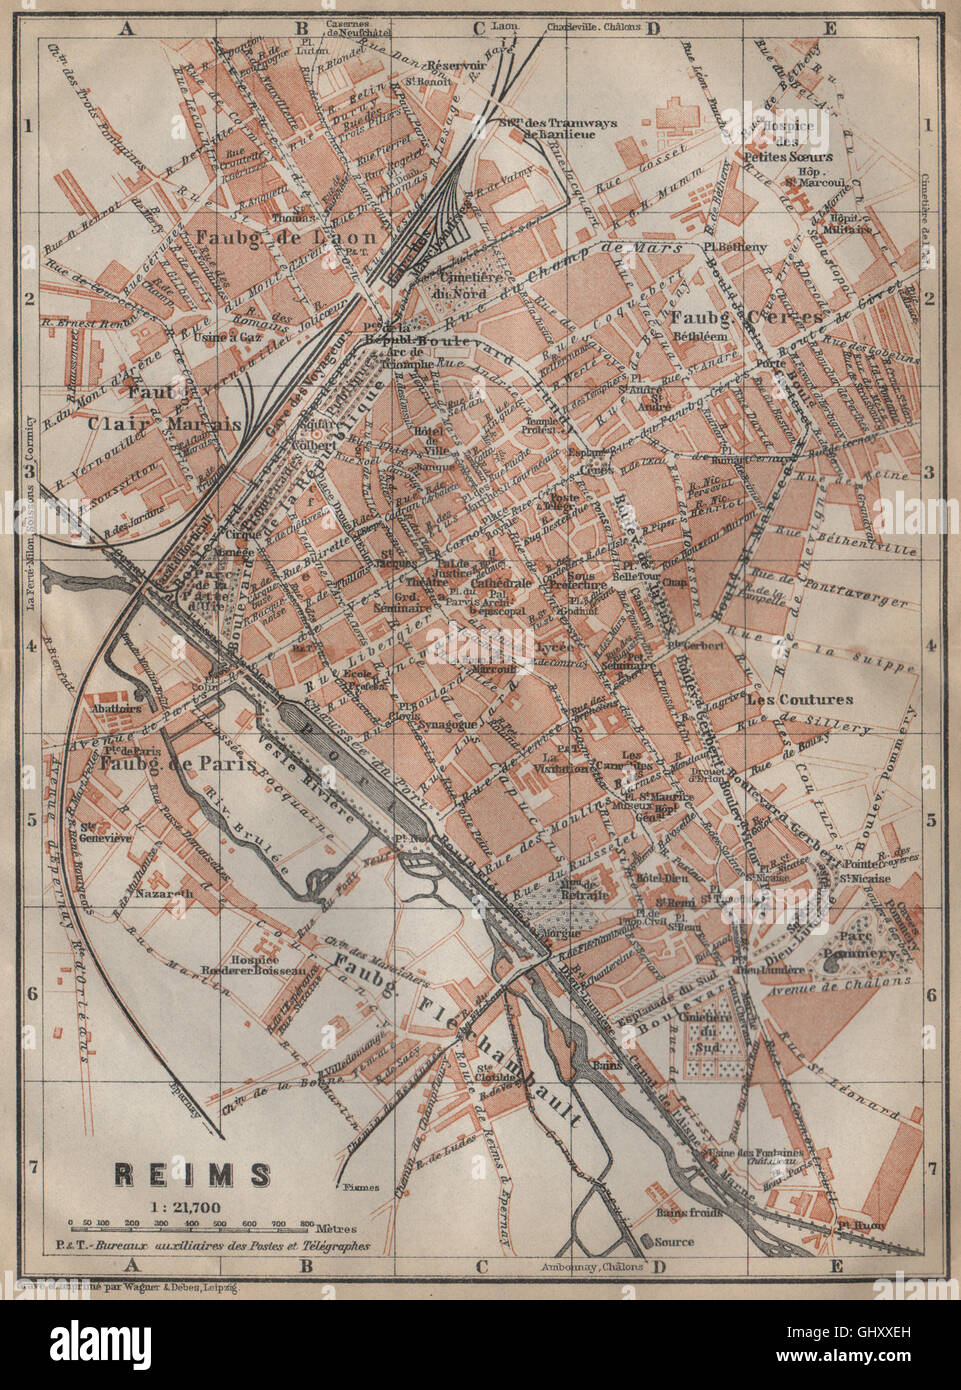 Reims Antique Town City Plan De La Ville Marne Carte Baedeker 1909 Stock Photo Alamy